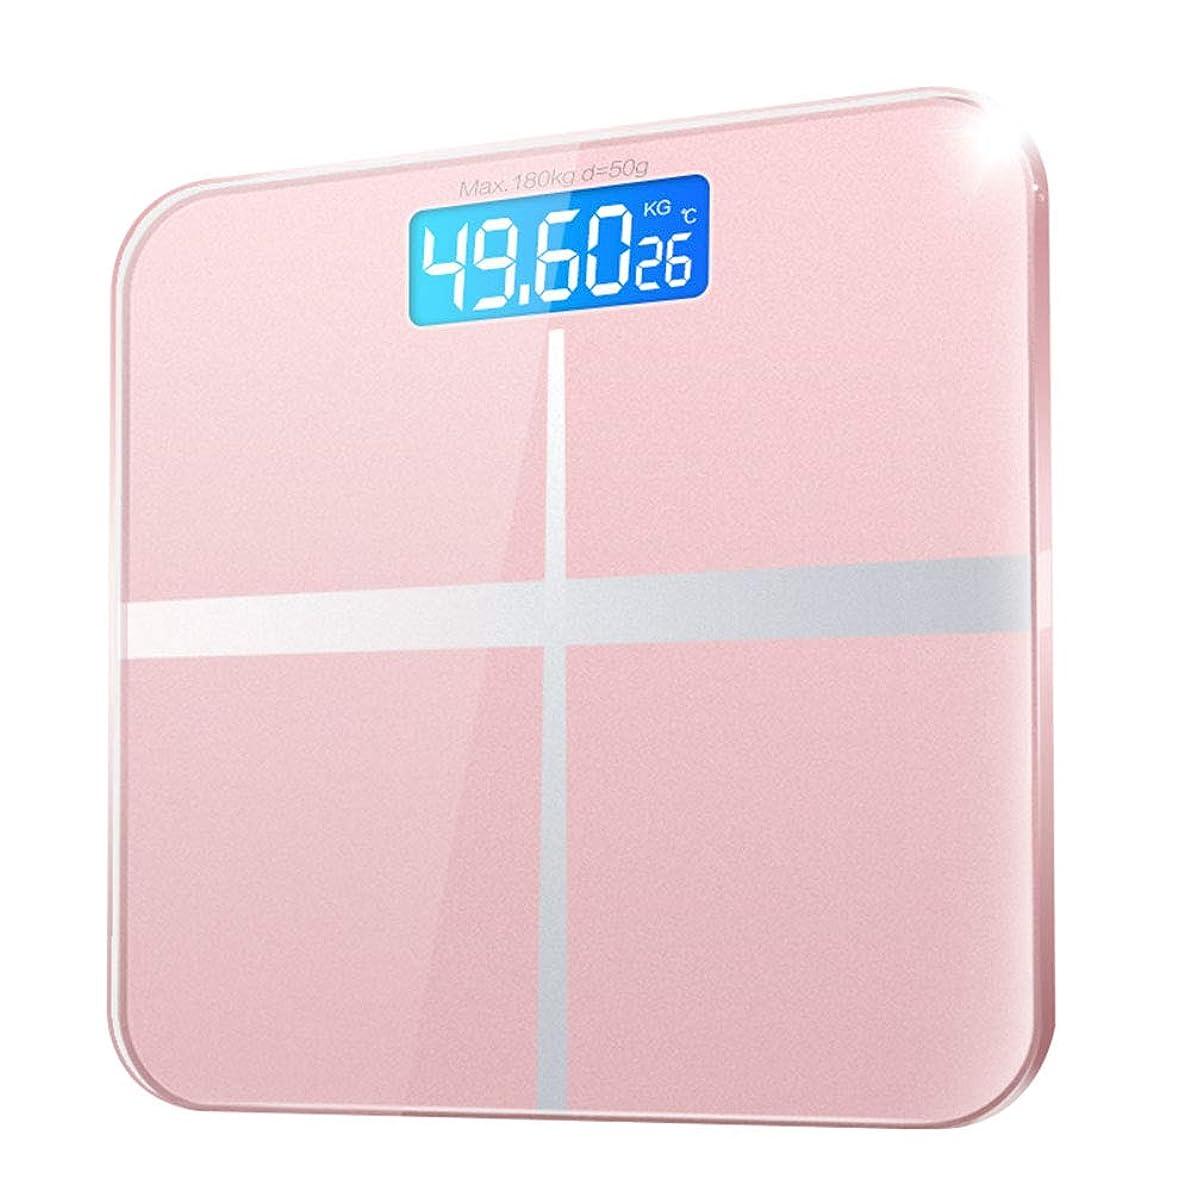 日付付き倒産影響力のあるLCDバックライト付きディスプレイ付きスマートバスルーム体重計付き電子デジタル体重計ブルートゥース体脂肪計